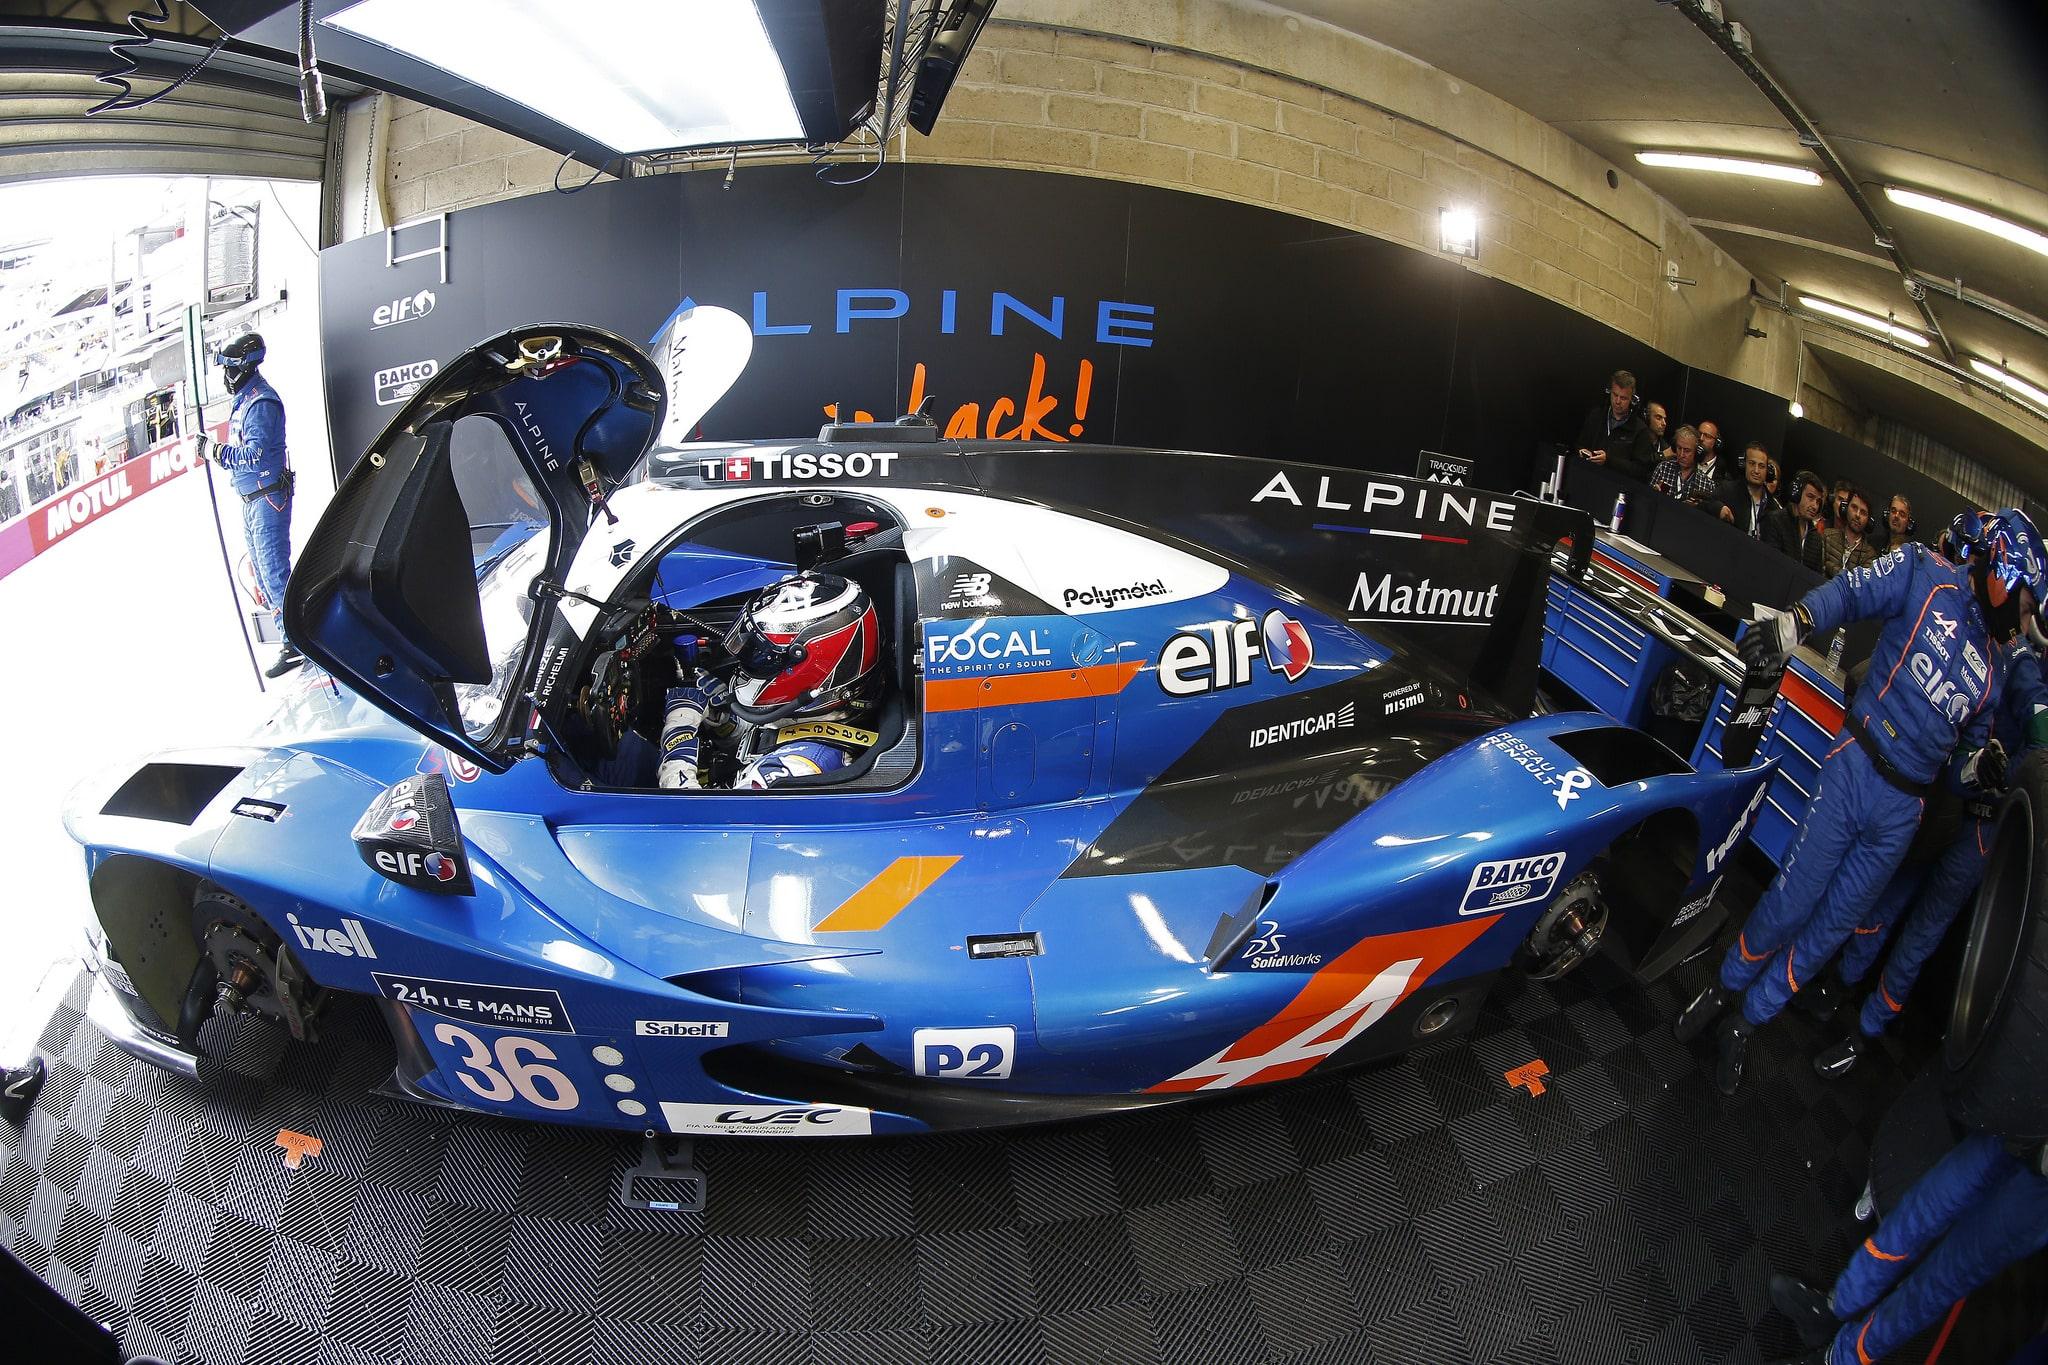 Stand Alpine Le Mans 2016, Jean Michel Le Meur / DPPI / Signatech Alpine